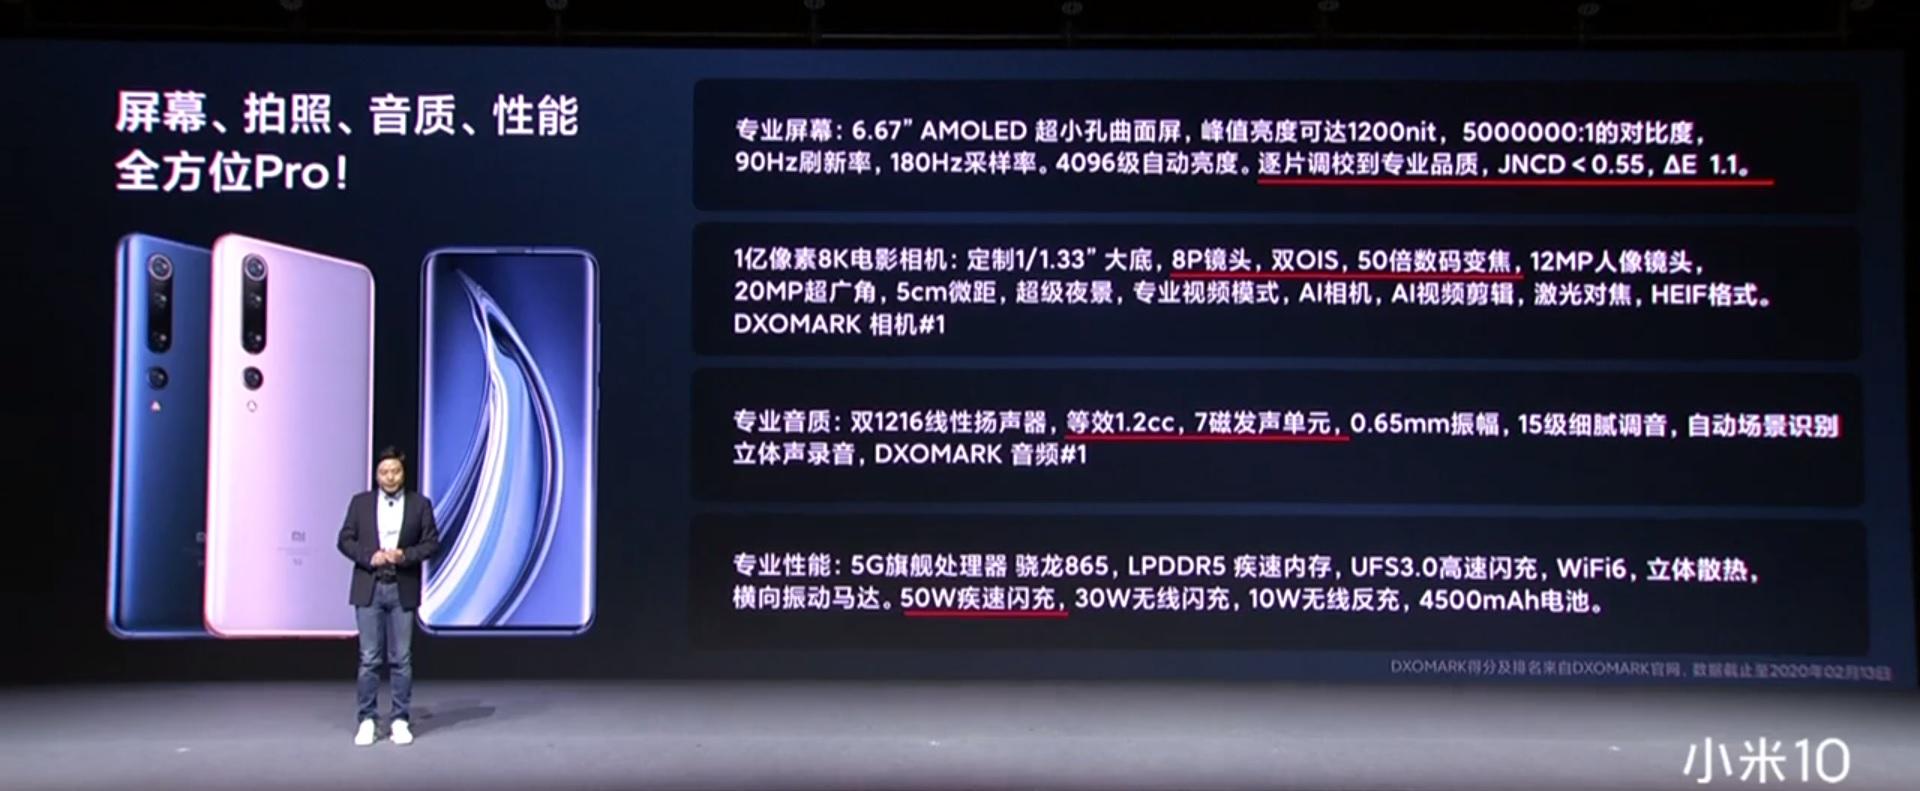 Xiaomi Mi 10 Pro specyfikacja